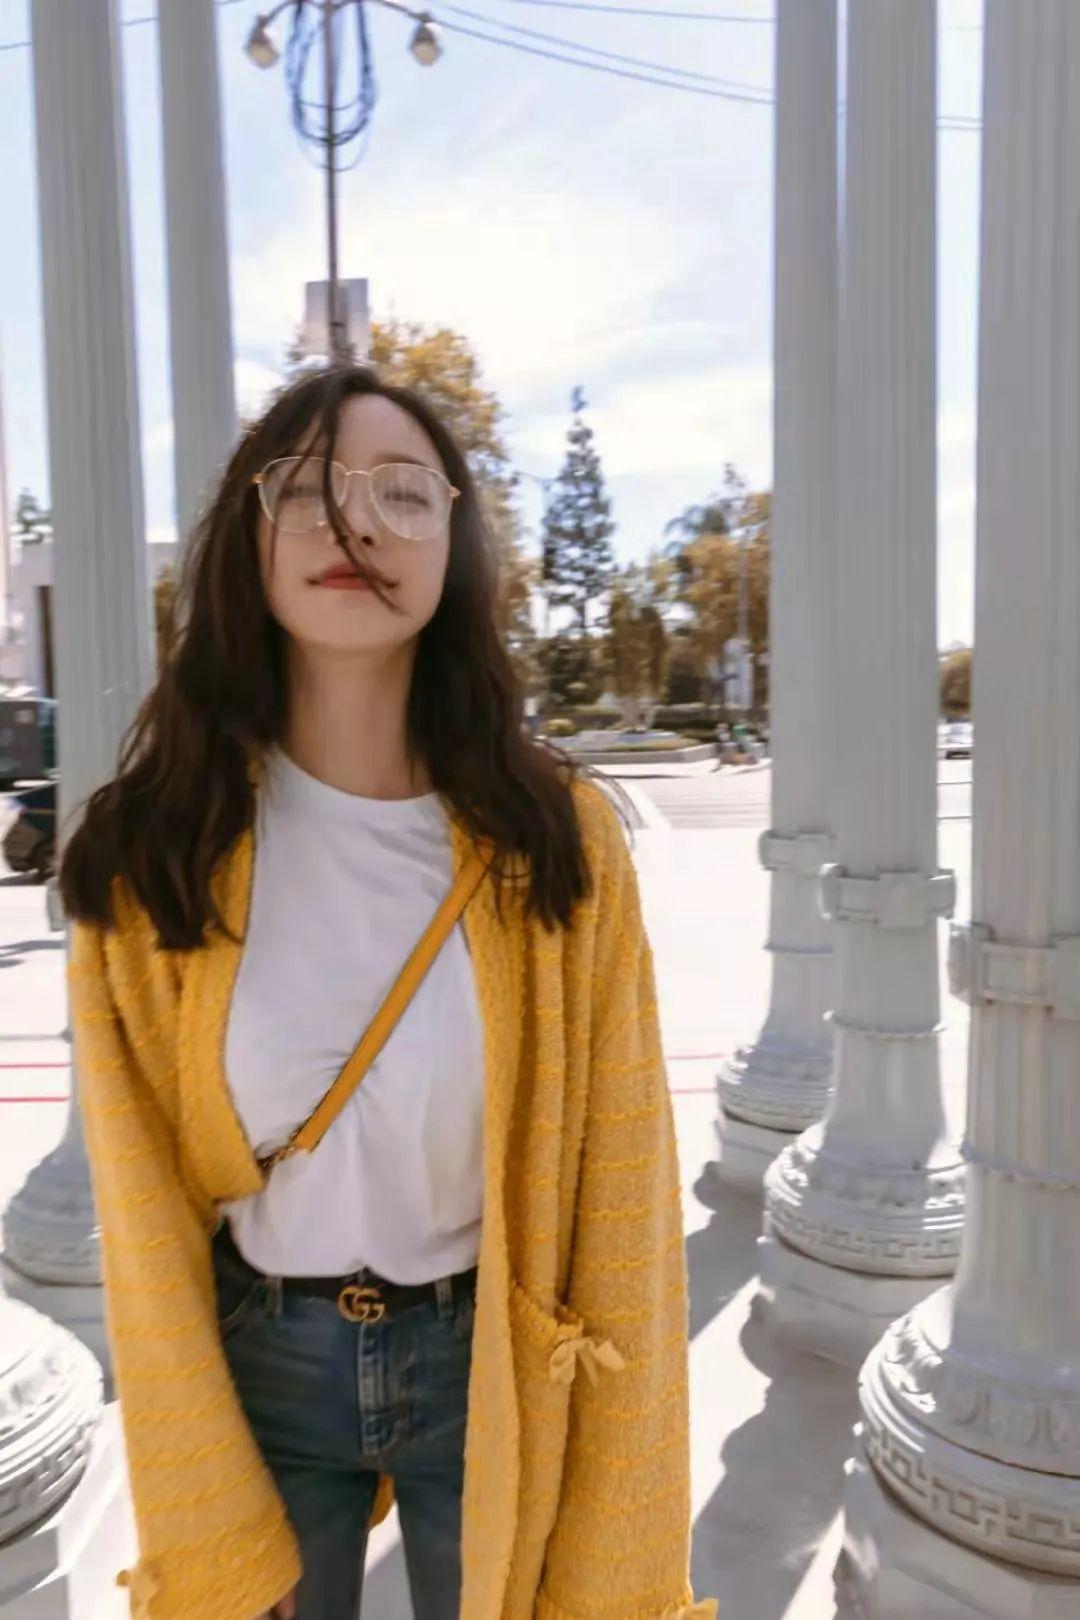 撩人眼镜妆 据说全网都在求倪妮宋妍霏眼镜半永久